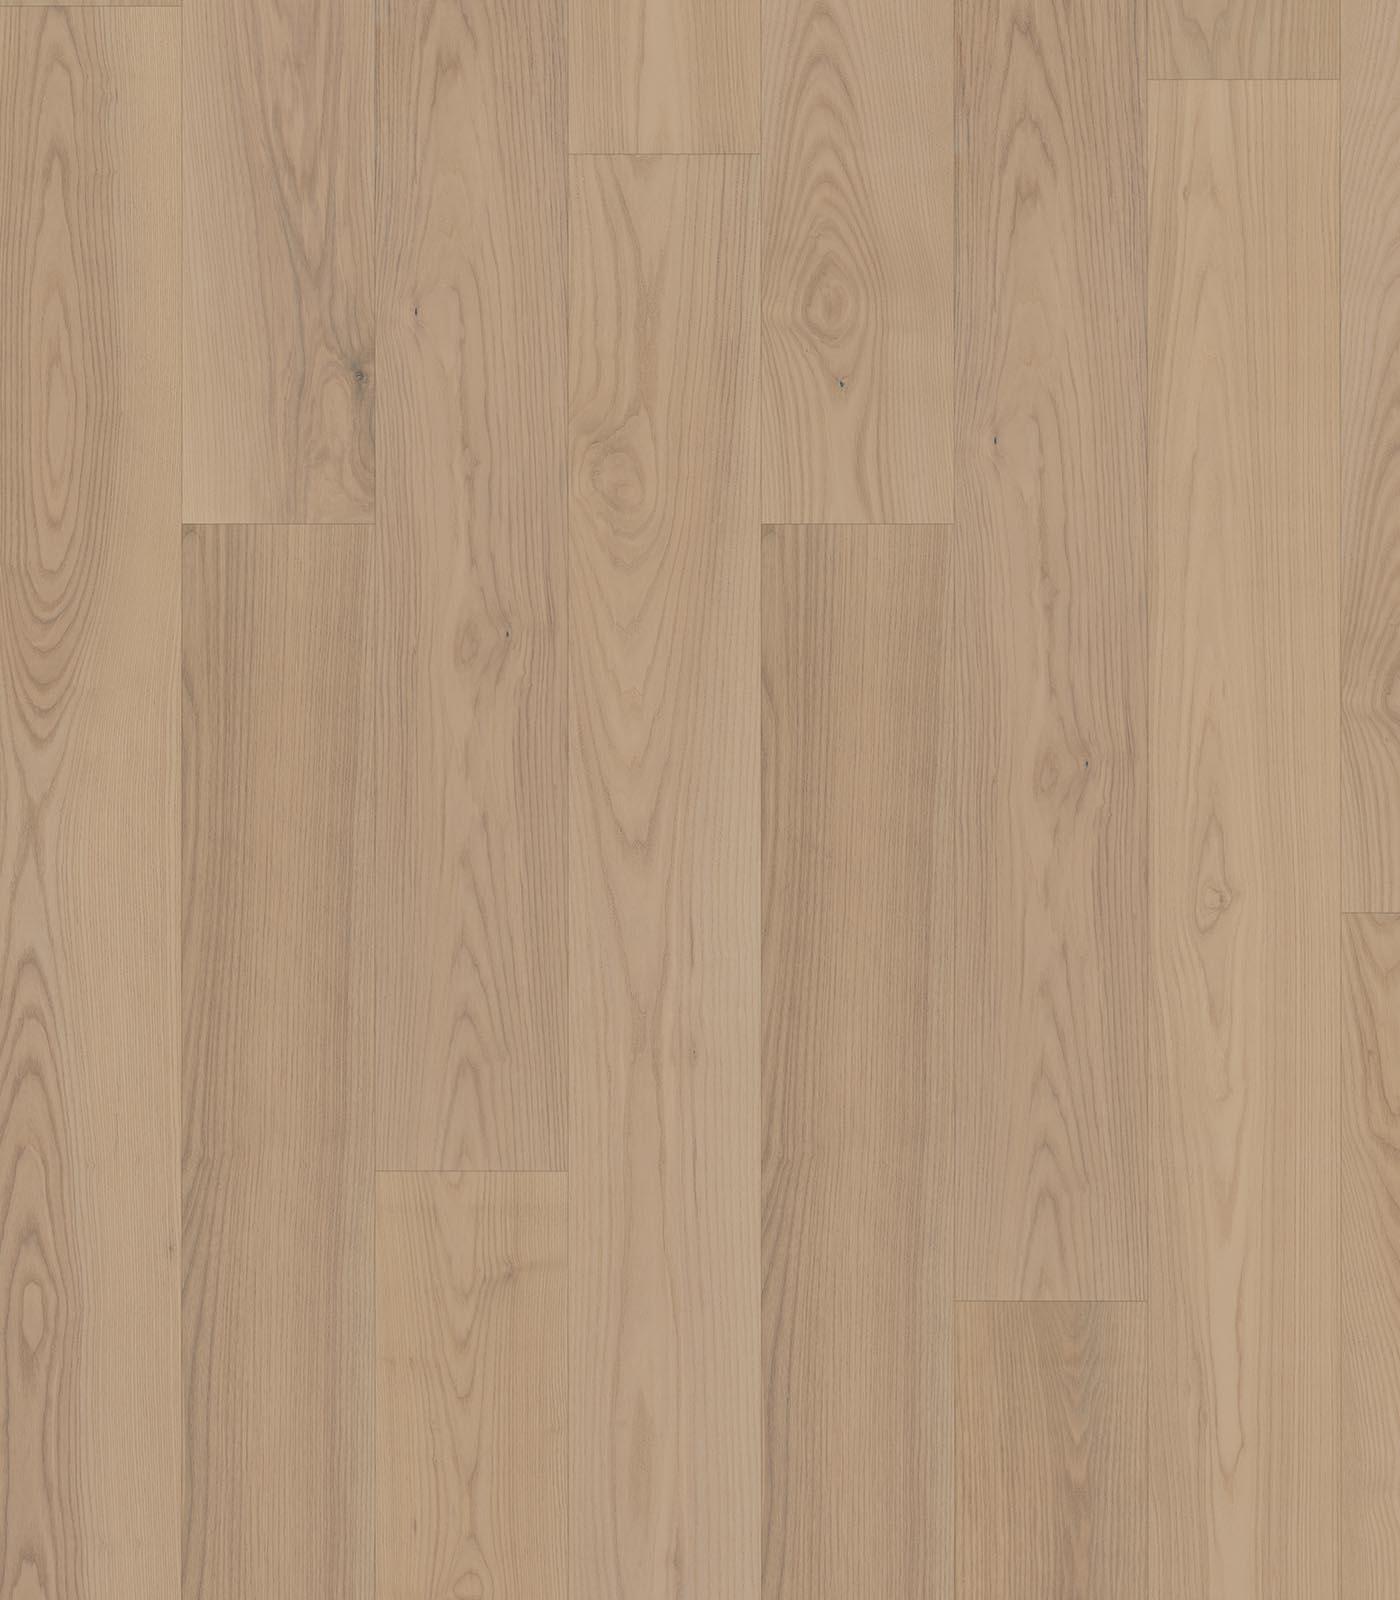 Belgrade-After Oak Collection-European Ash Floors - flat